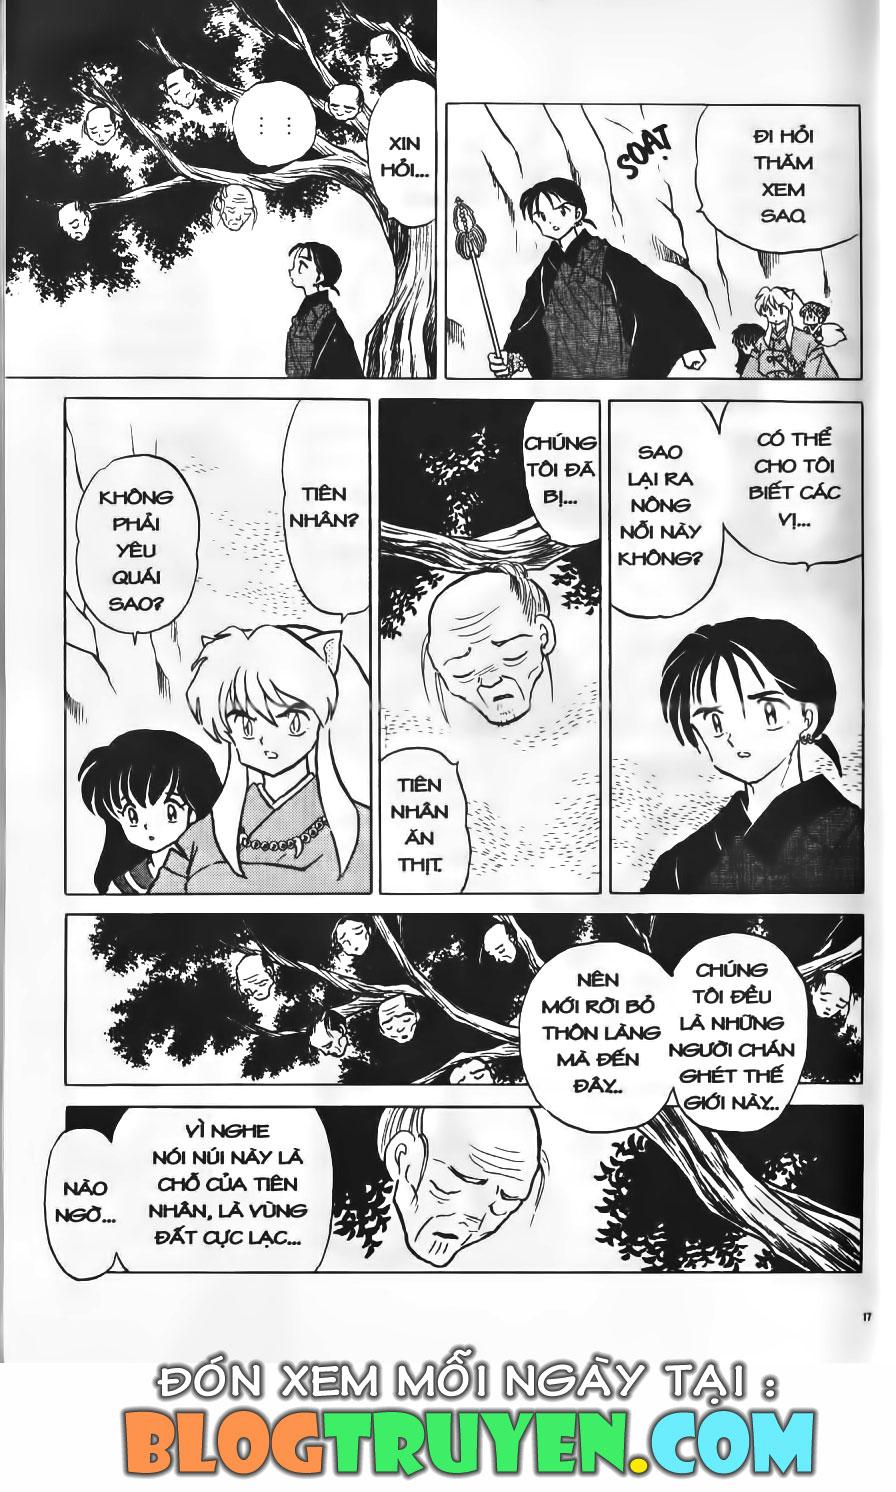 Inuyasha vol 09.1 trang 16